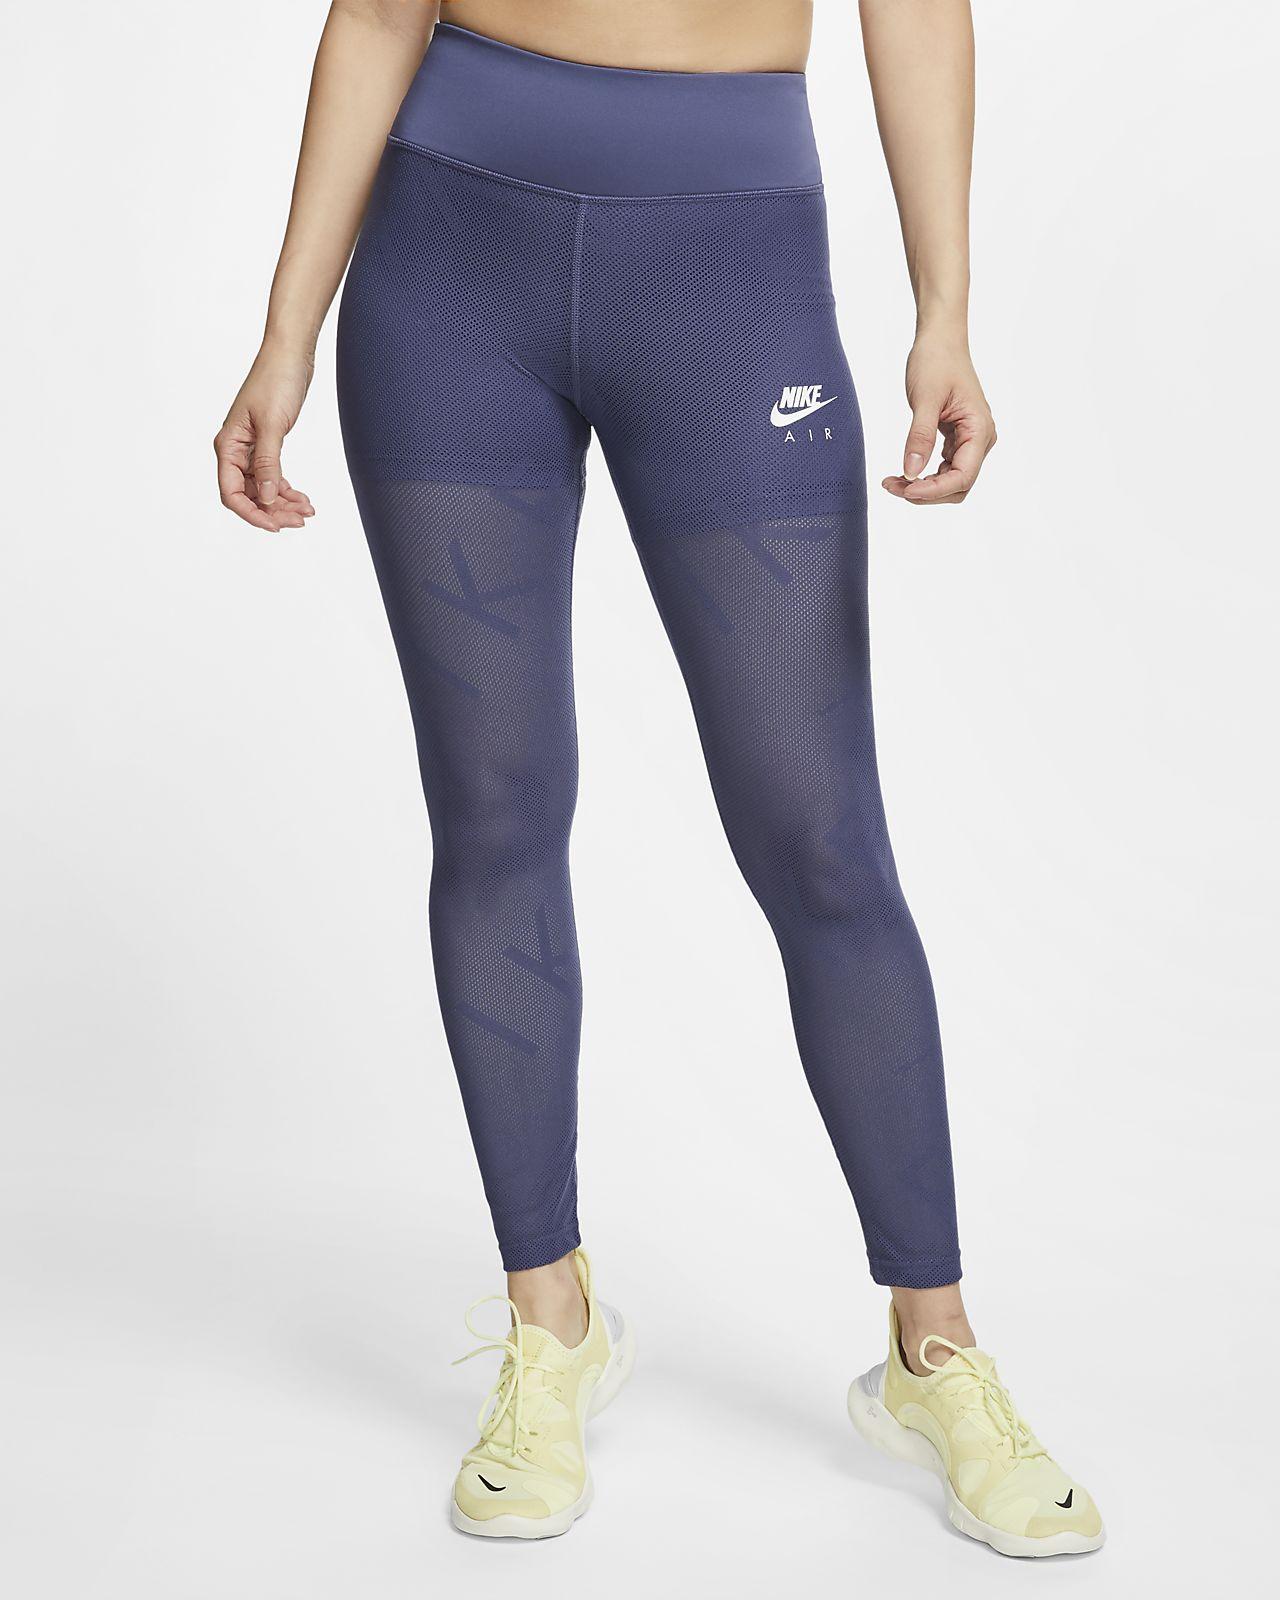 Löpartights i mesh Nike Air i 7/8-längd för kvinnor